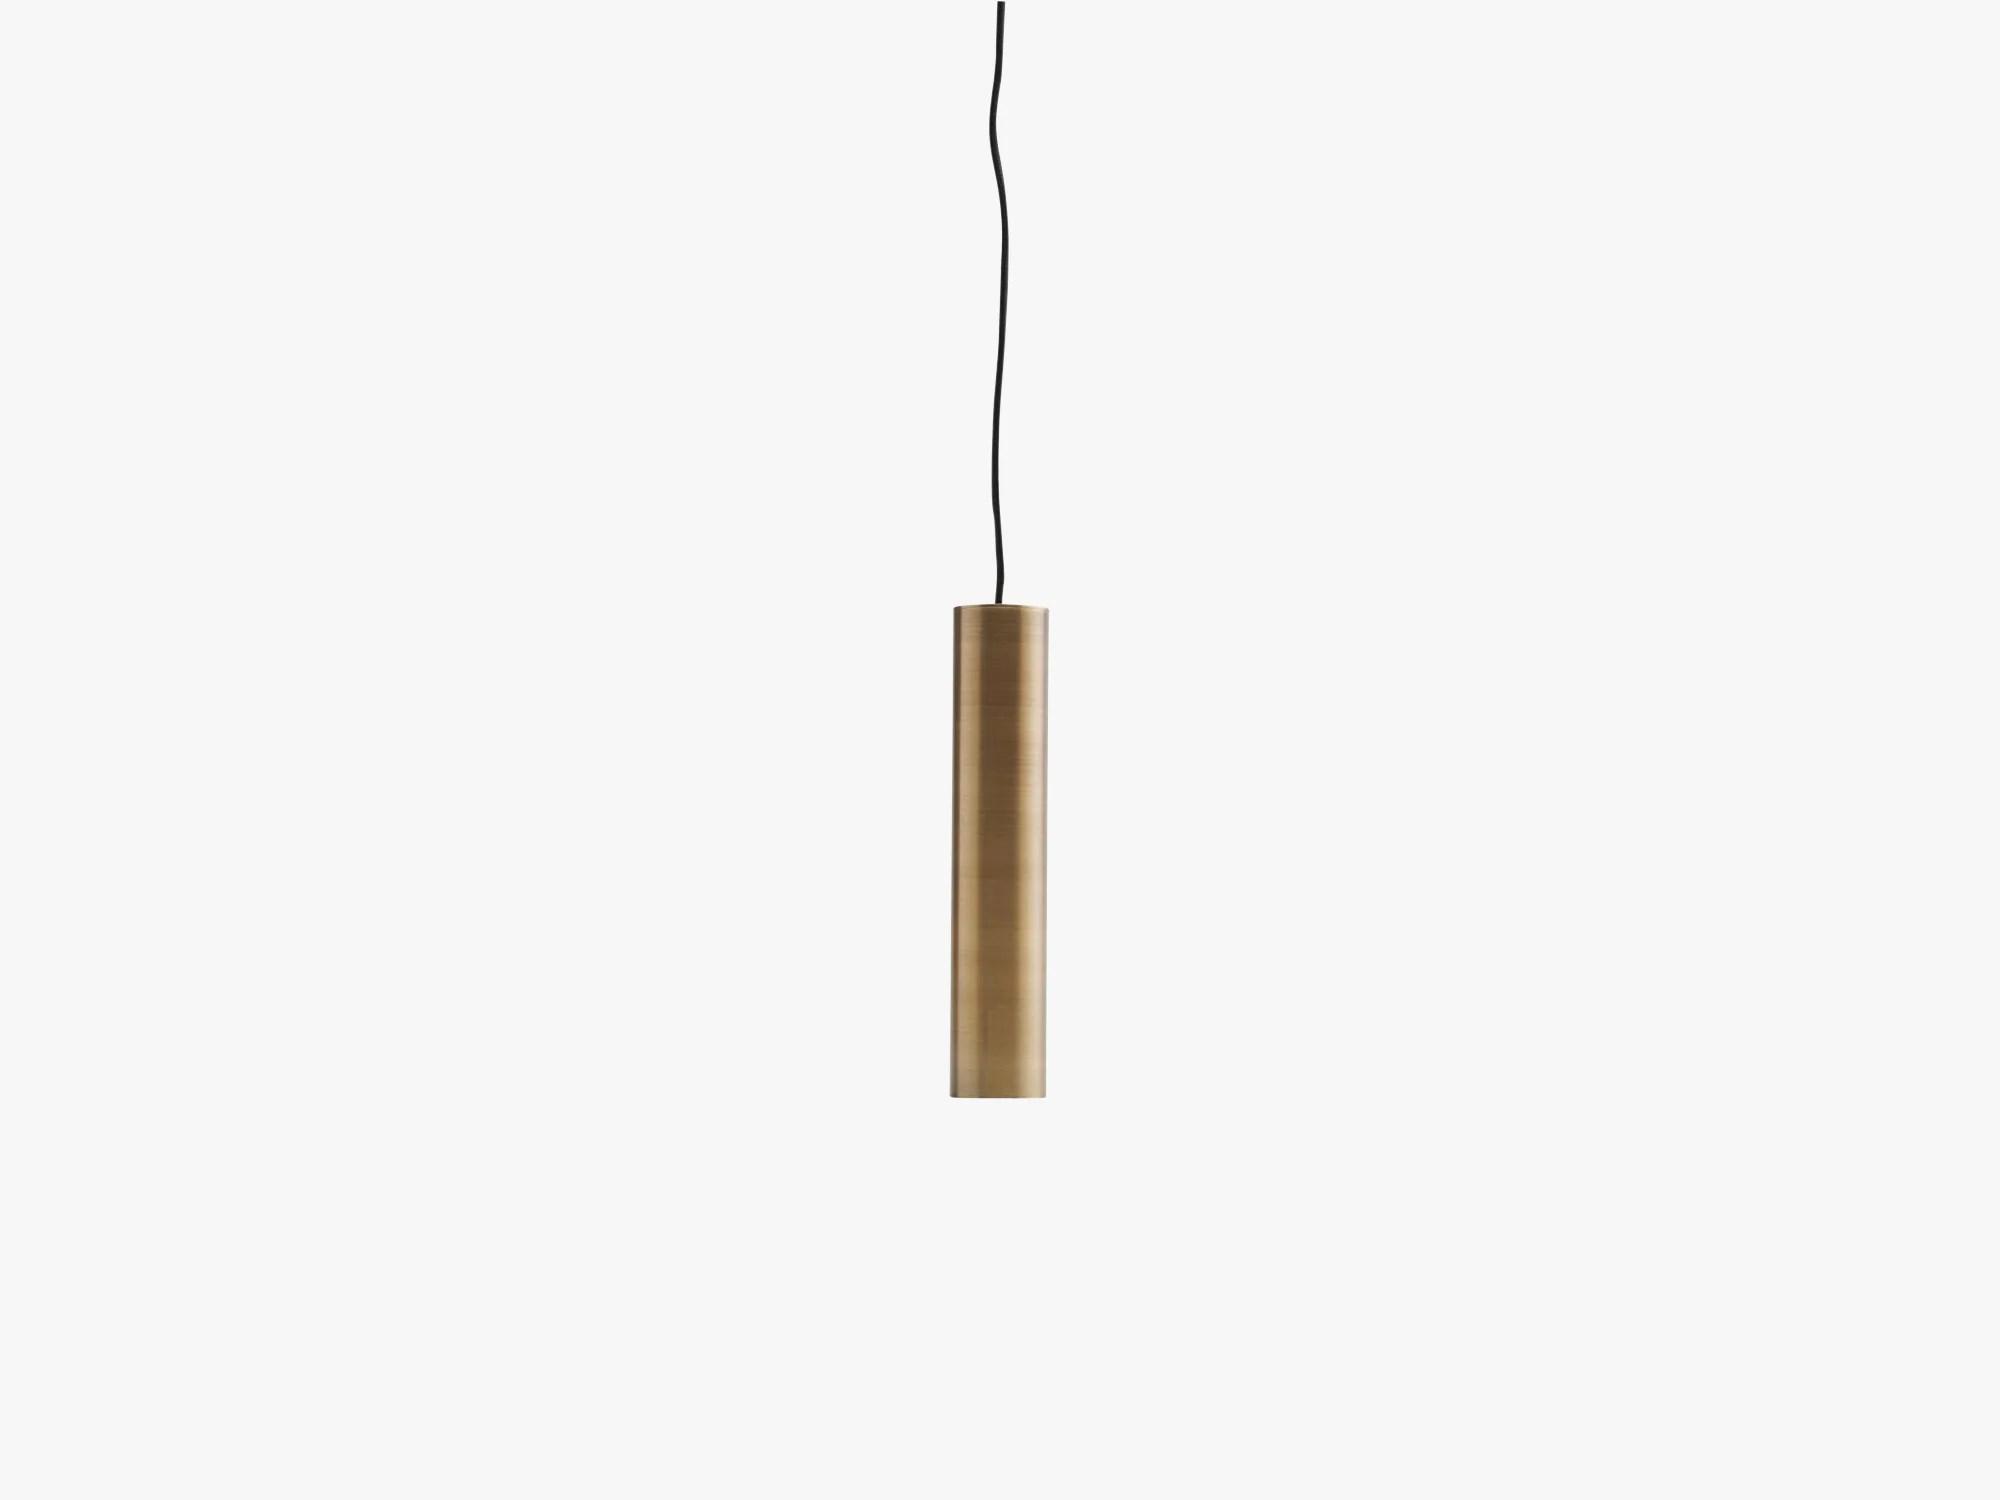 Lampe Pin Messing Loftslampe Fra House Doctor 550 Kr Gratis Fragt